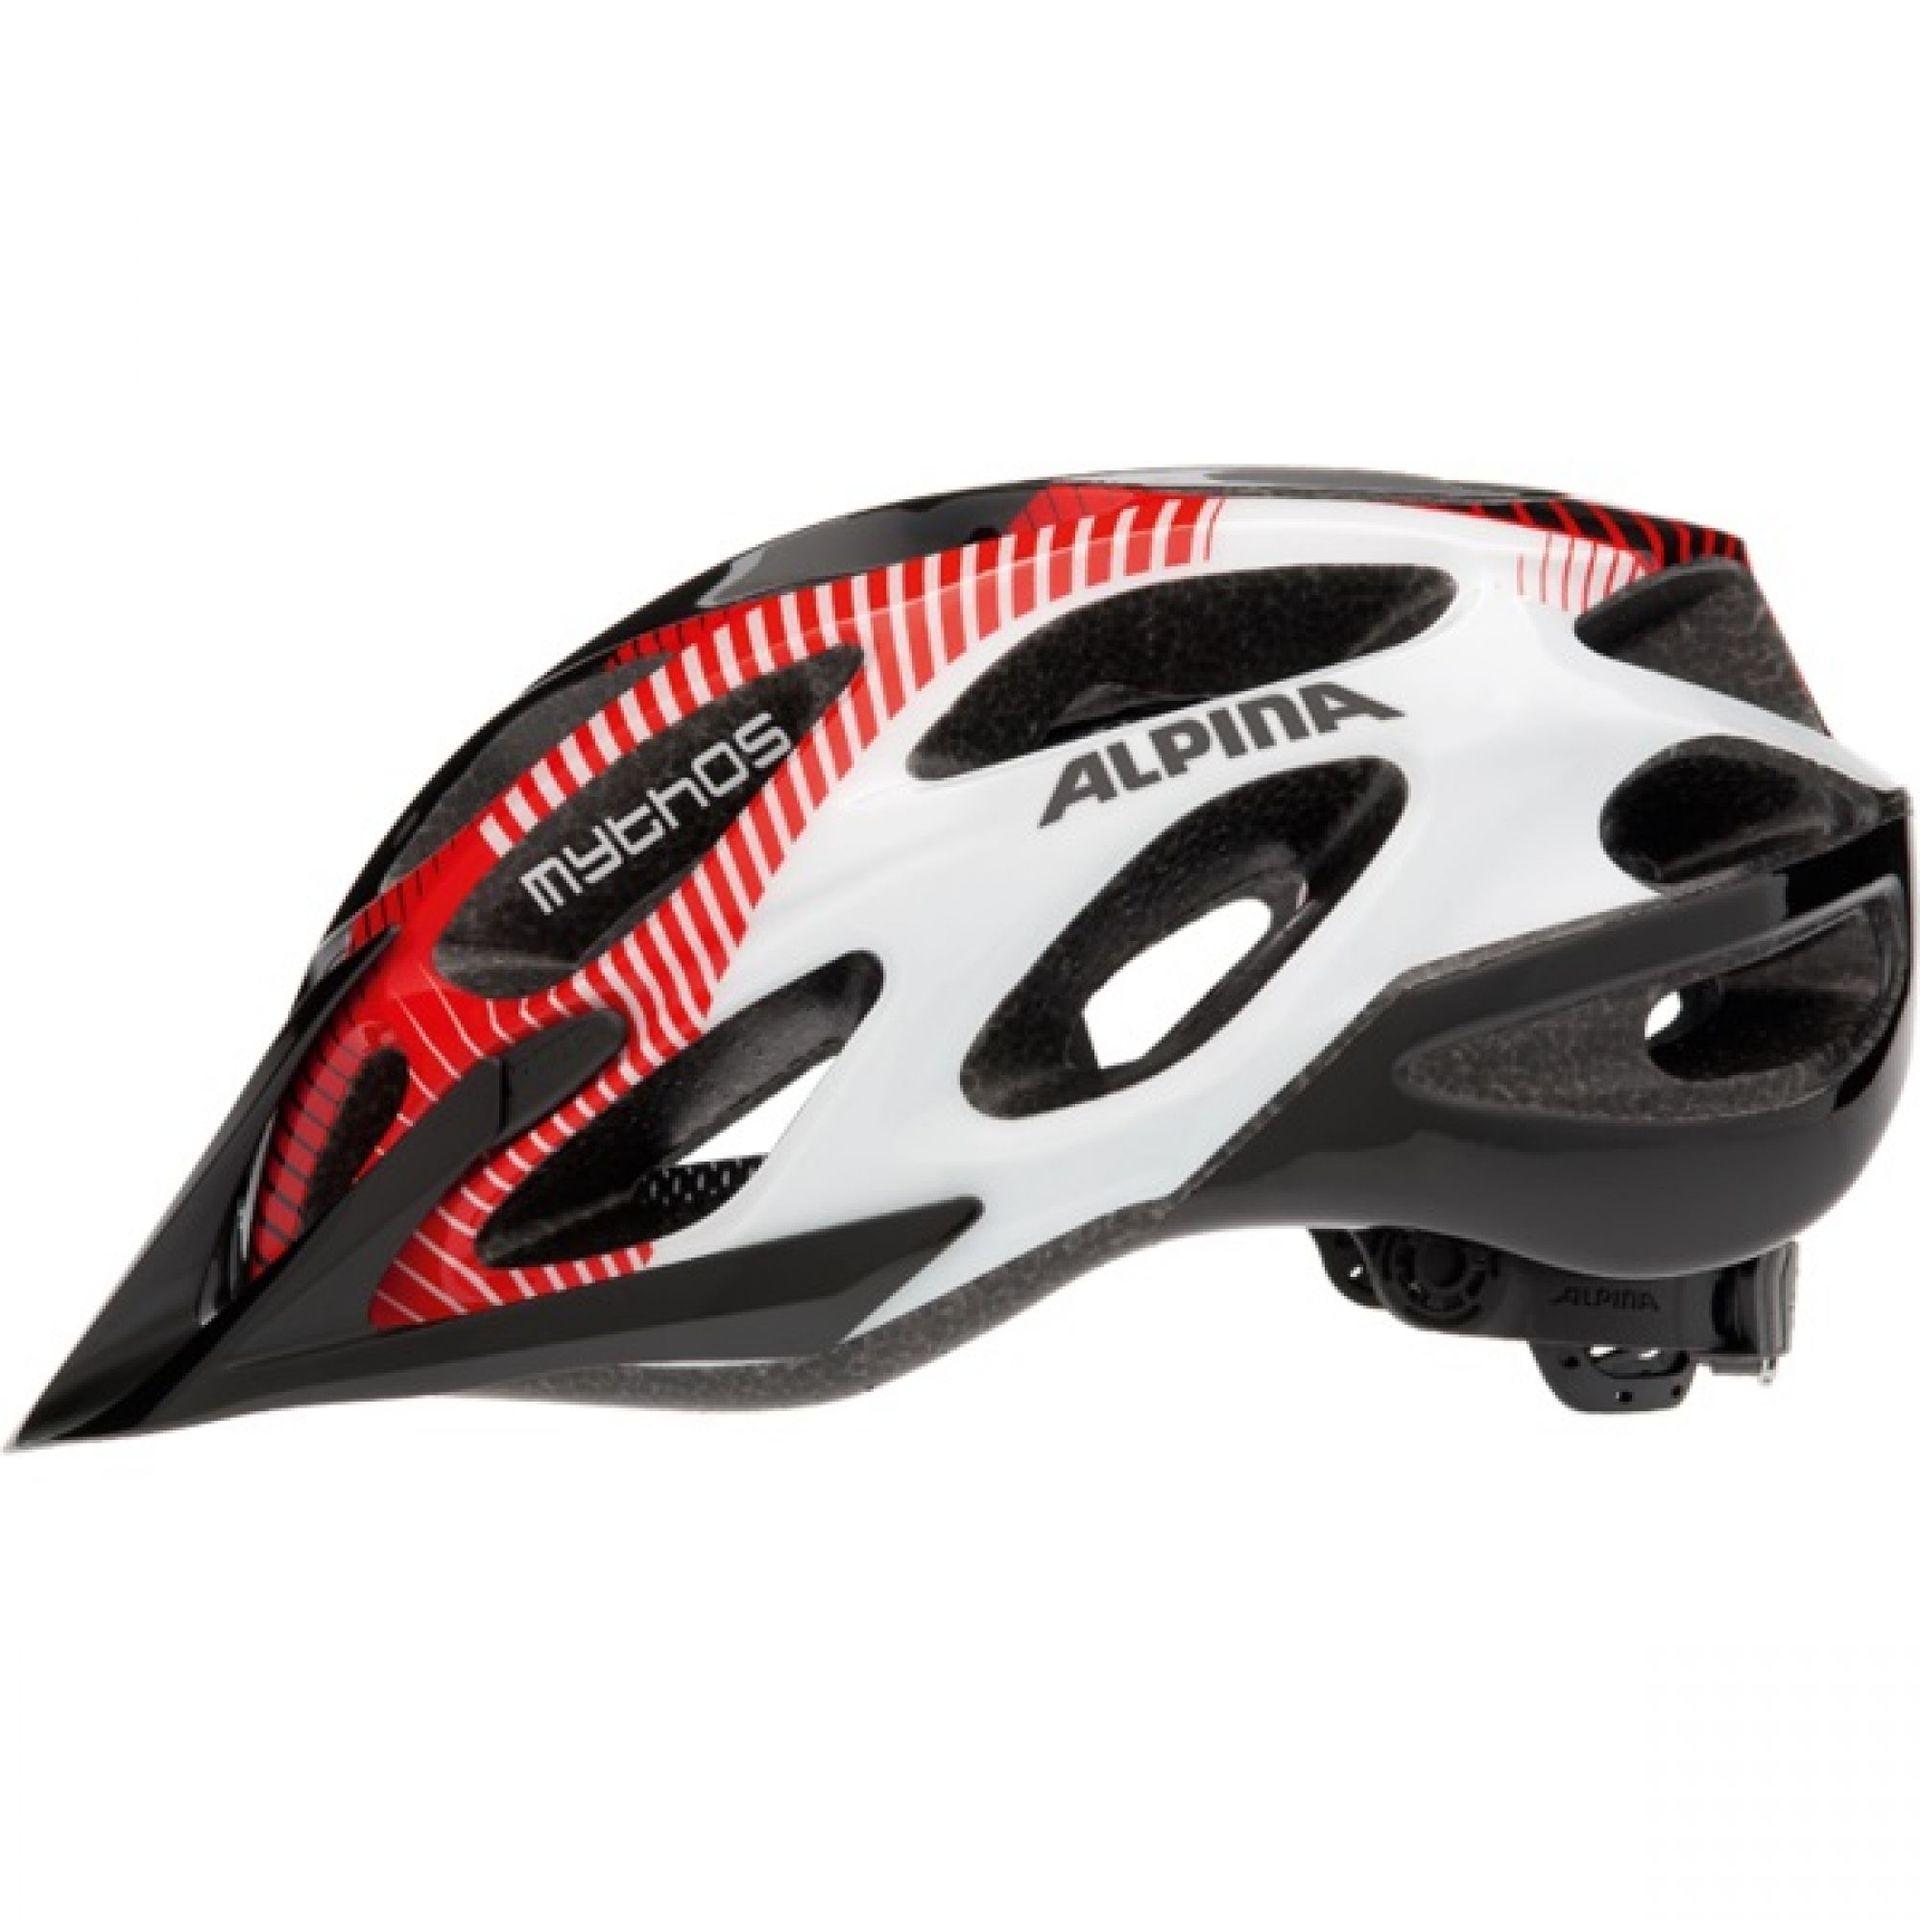 Kask rowerowy Alpina Mythos 2,0 biało czarno czerwony